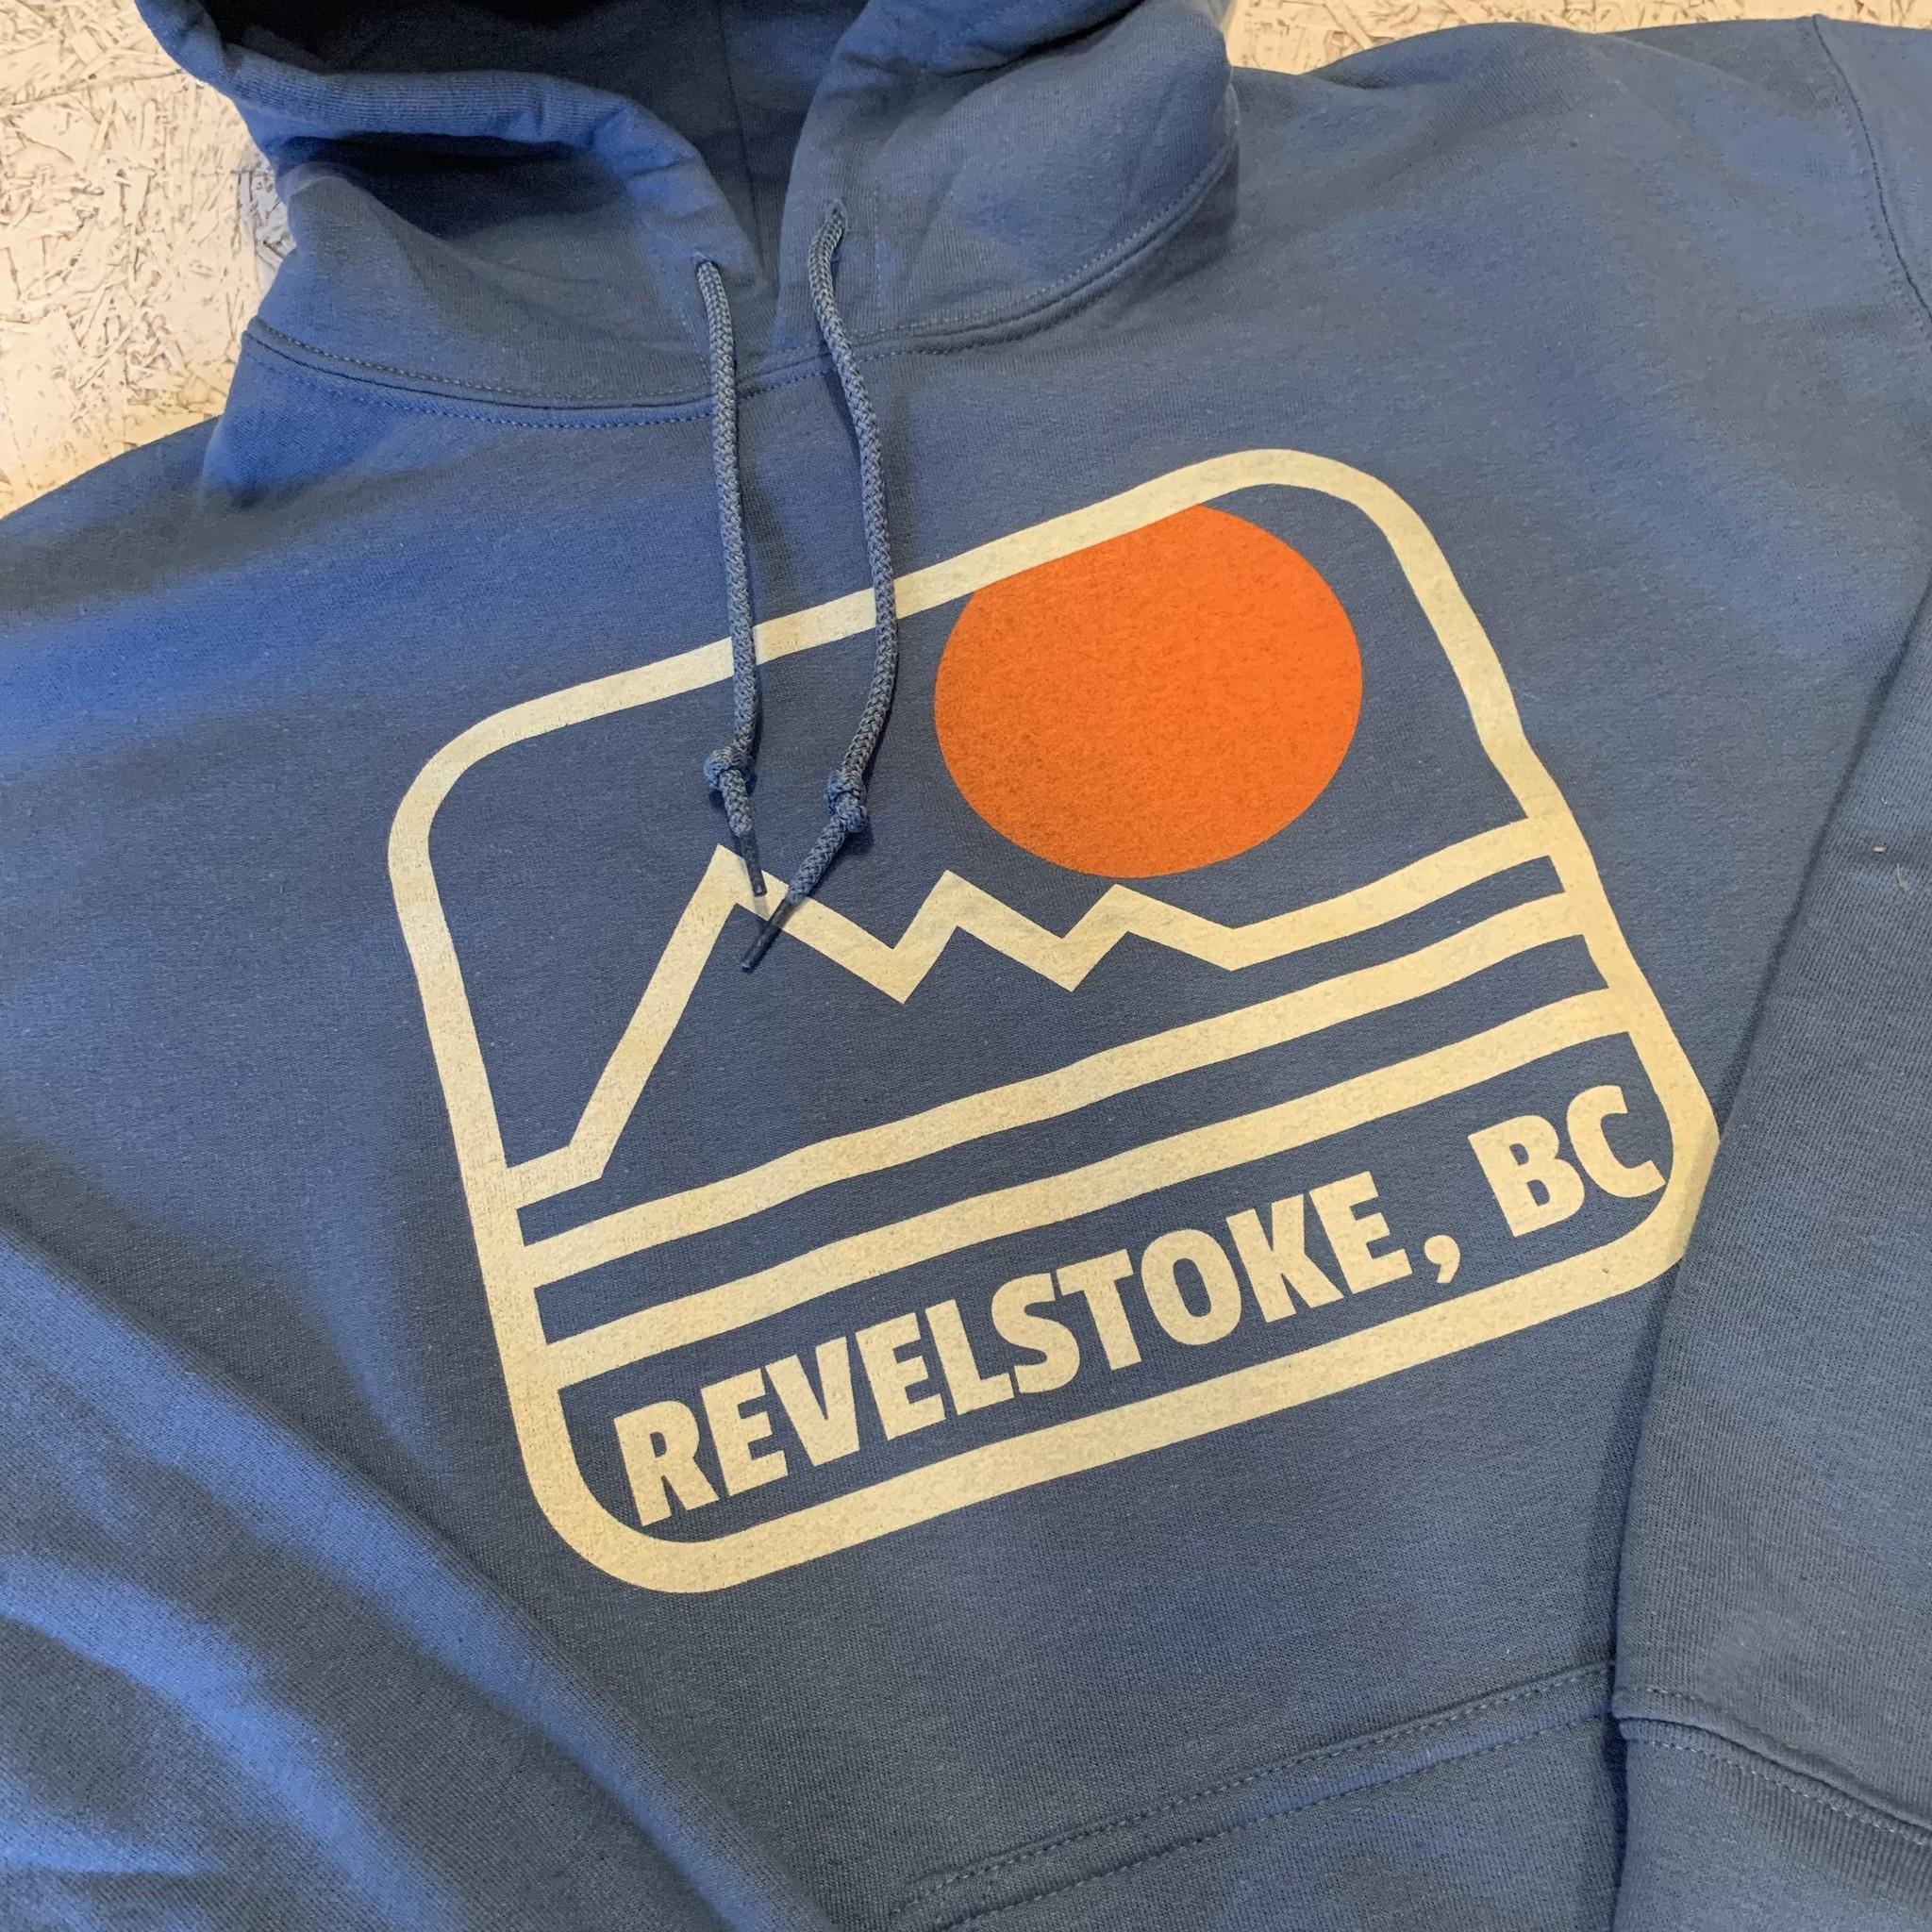 Trading Co. Revelstoke - Retro Hoodie